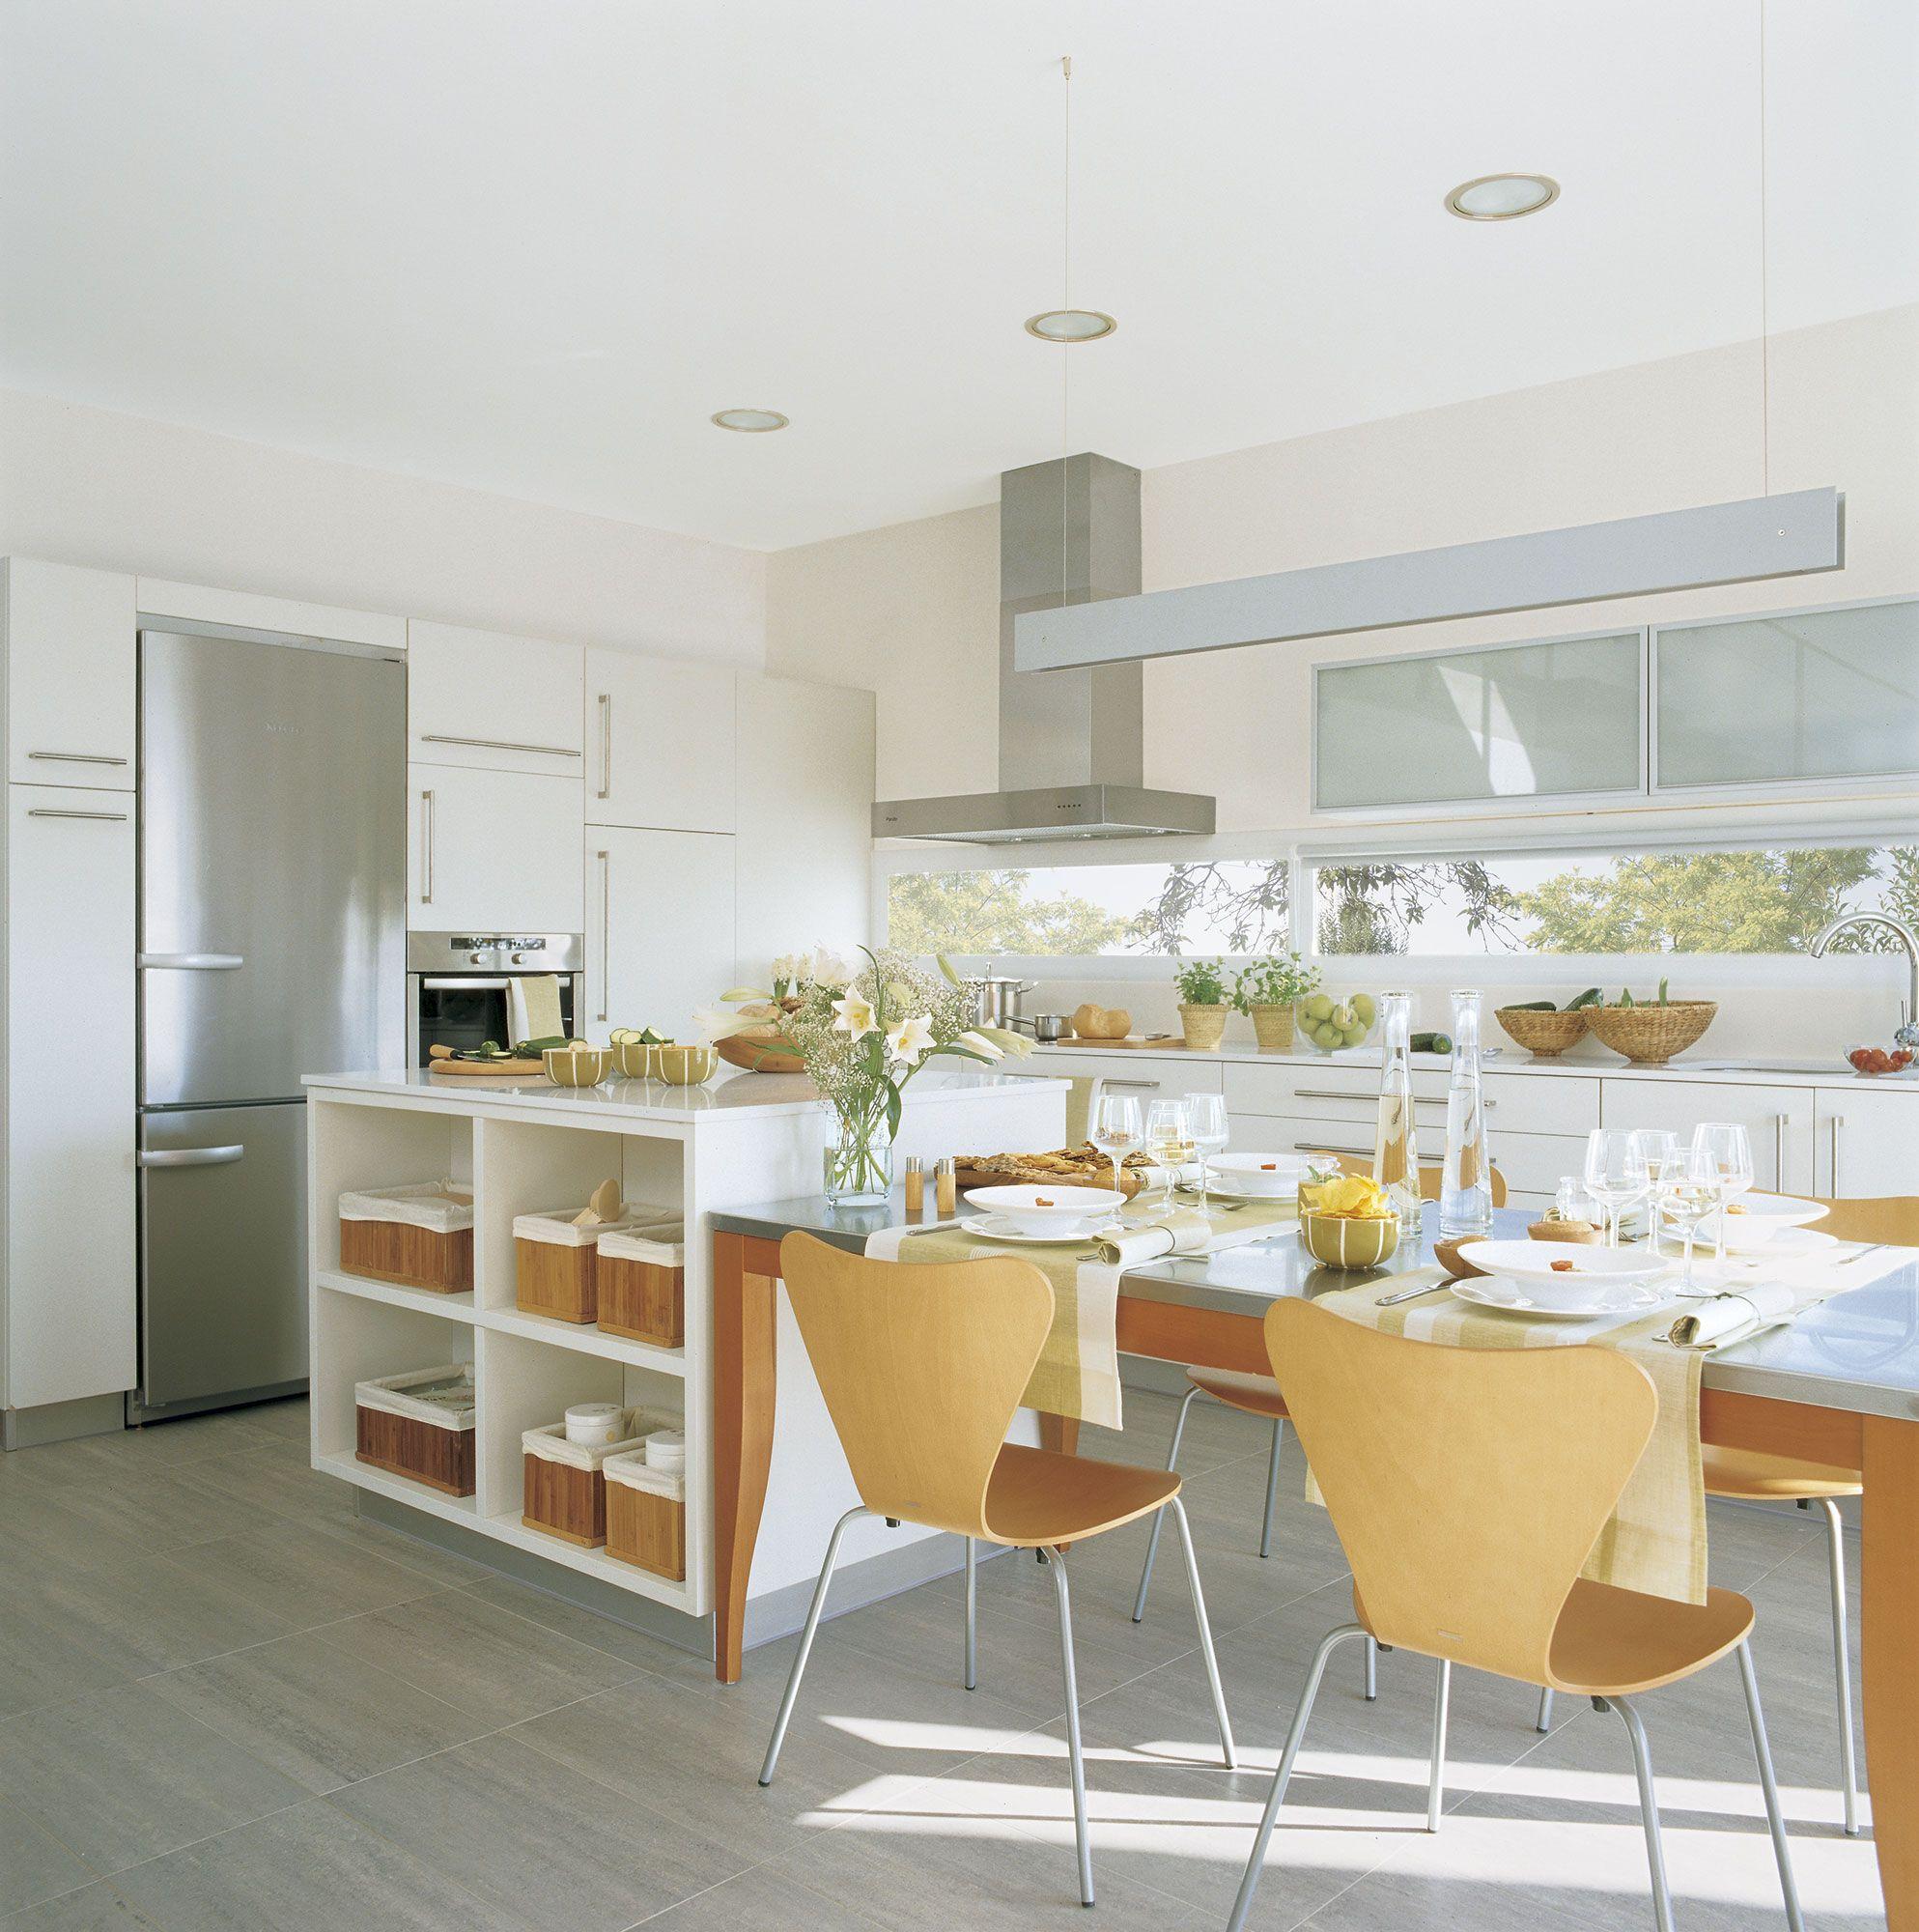 Cocina de estilo contemporáneo con muebles blancos ...